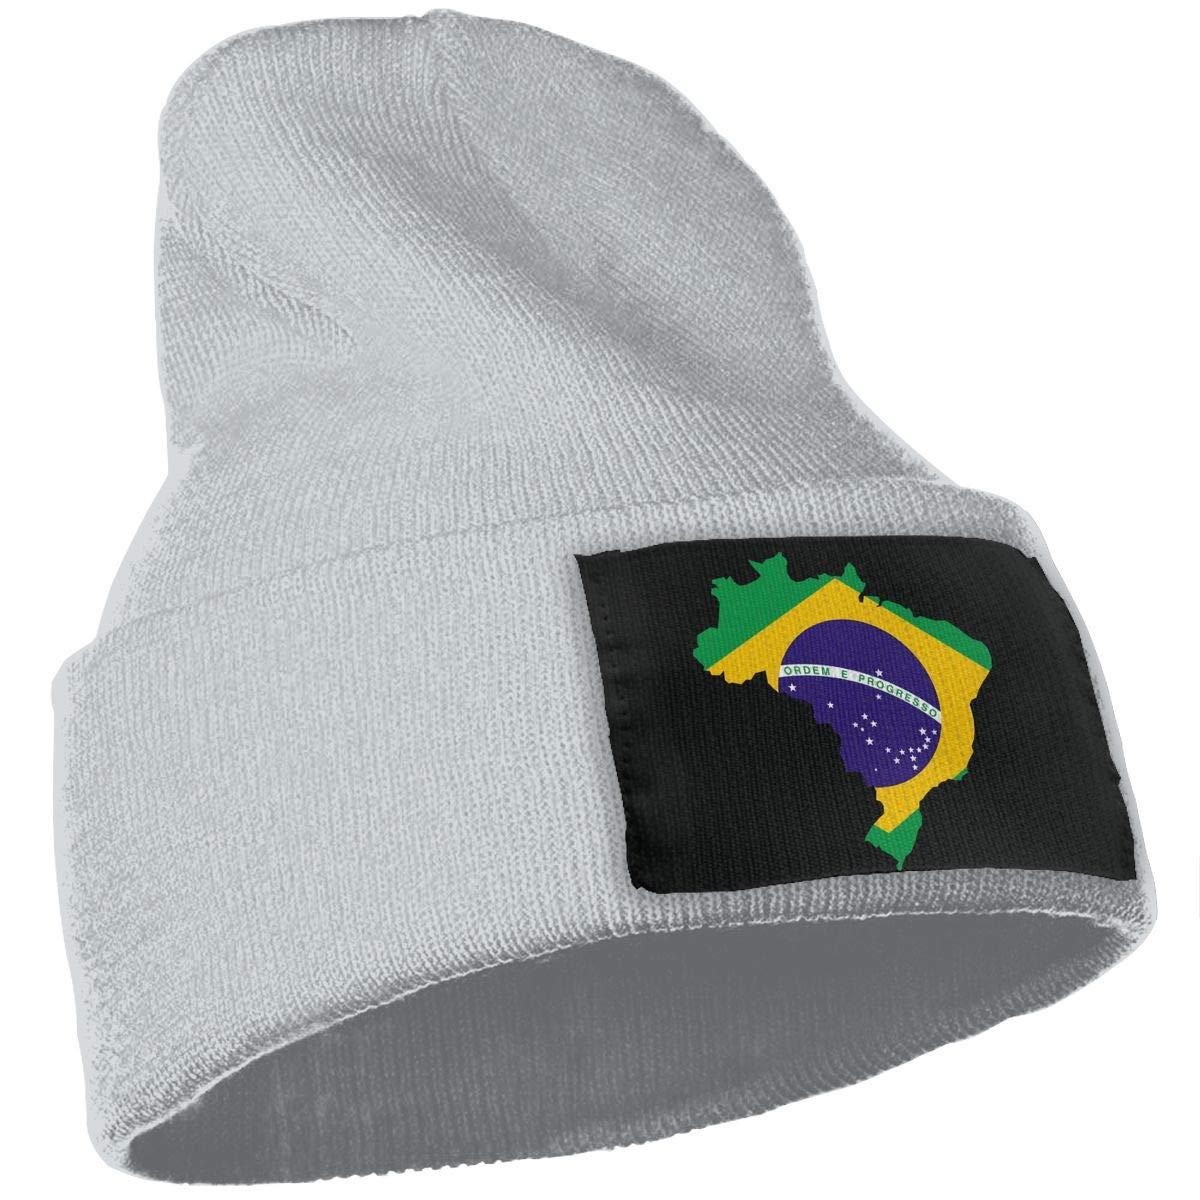 SLADDD1 Brazil Map Warm Winter Hat Knit Beanie Skull Cap Cuff Beanie Hat Winter Hats for Men /& Women